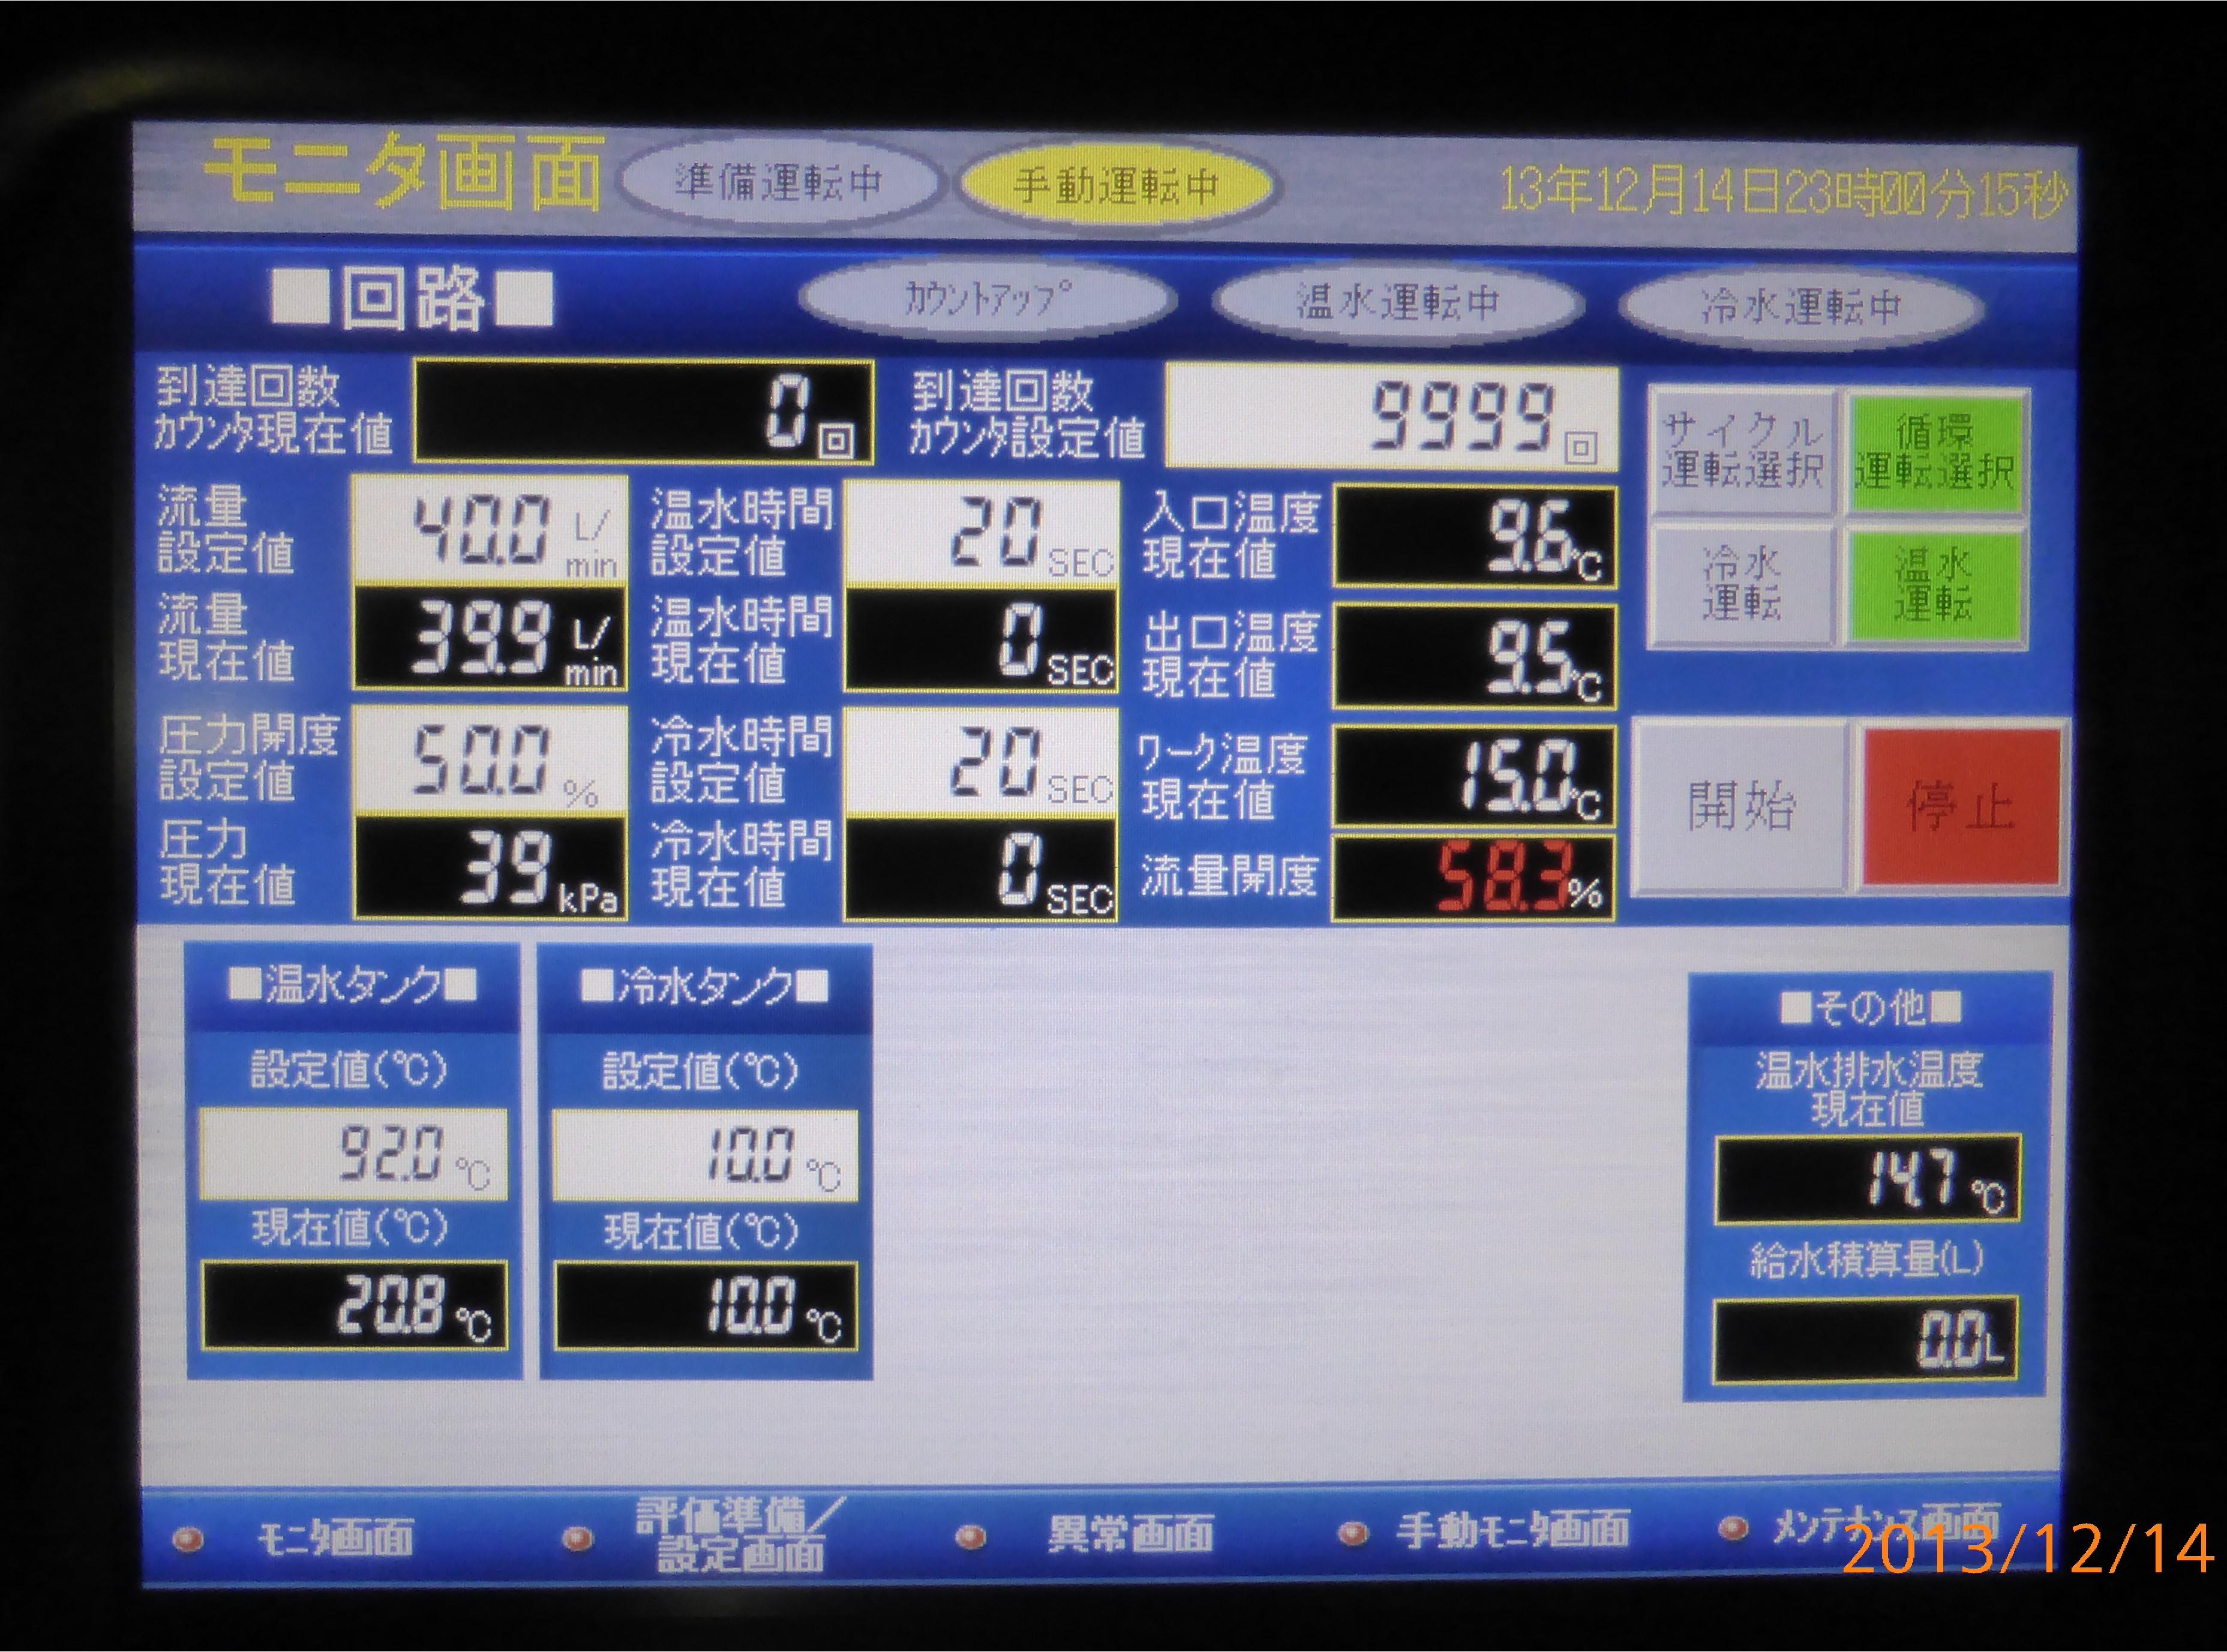 環境試験機の操作画面パネル